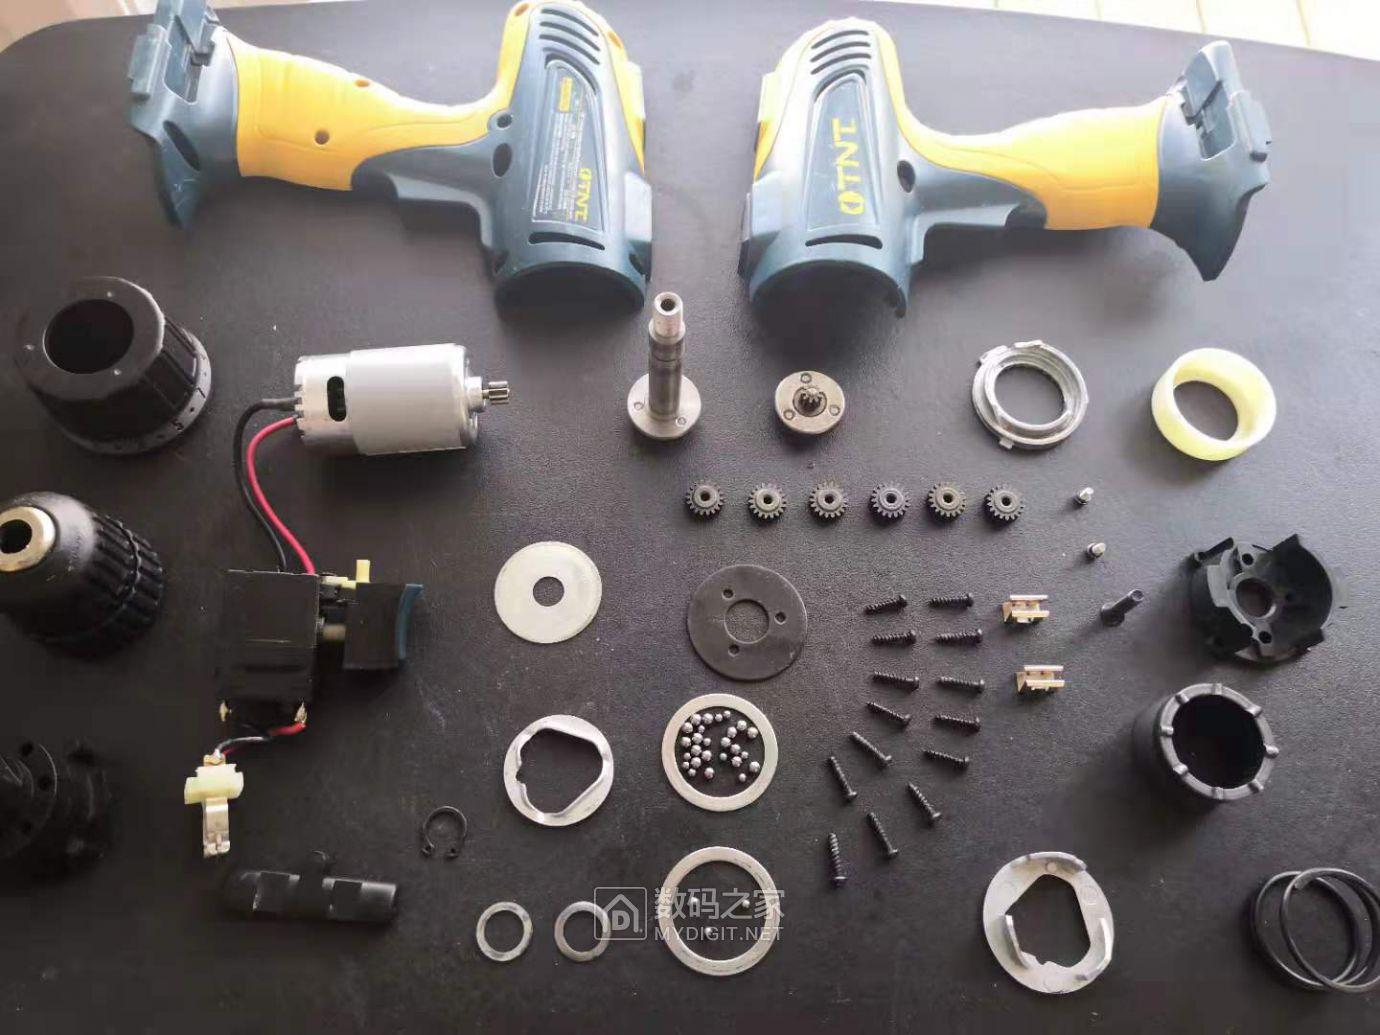 便宜的和贵的手电钻拆解对比(HITACHI DV180L VS TNT) 好货大家谈 第11张